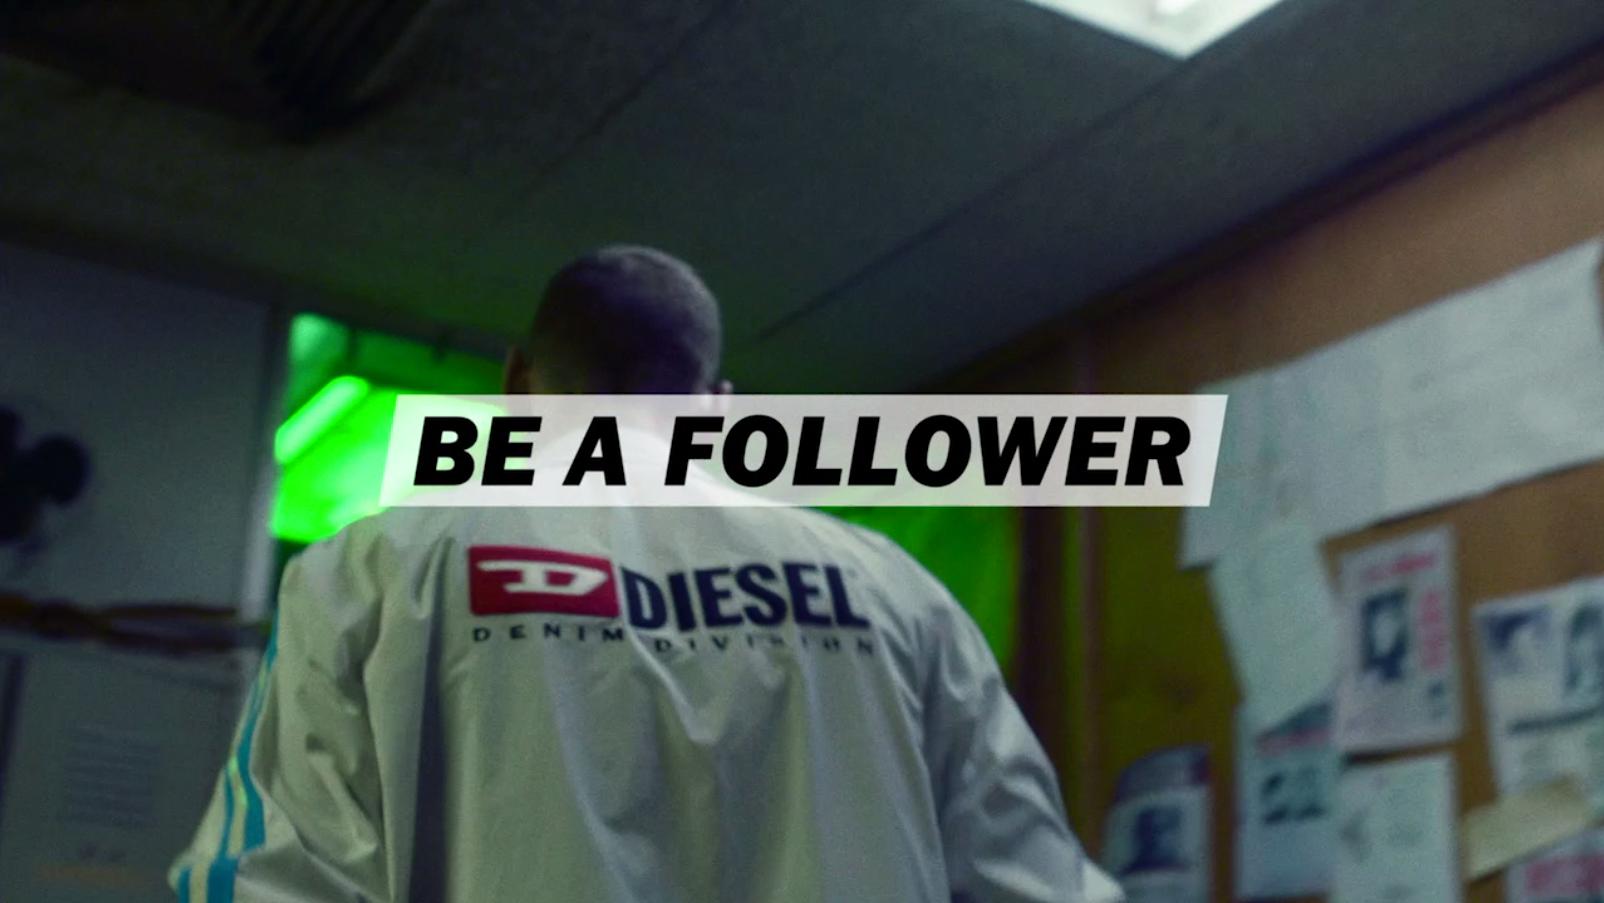 diesel_baf_travel_follower_still-1